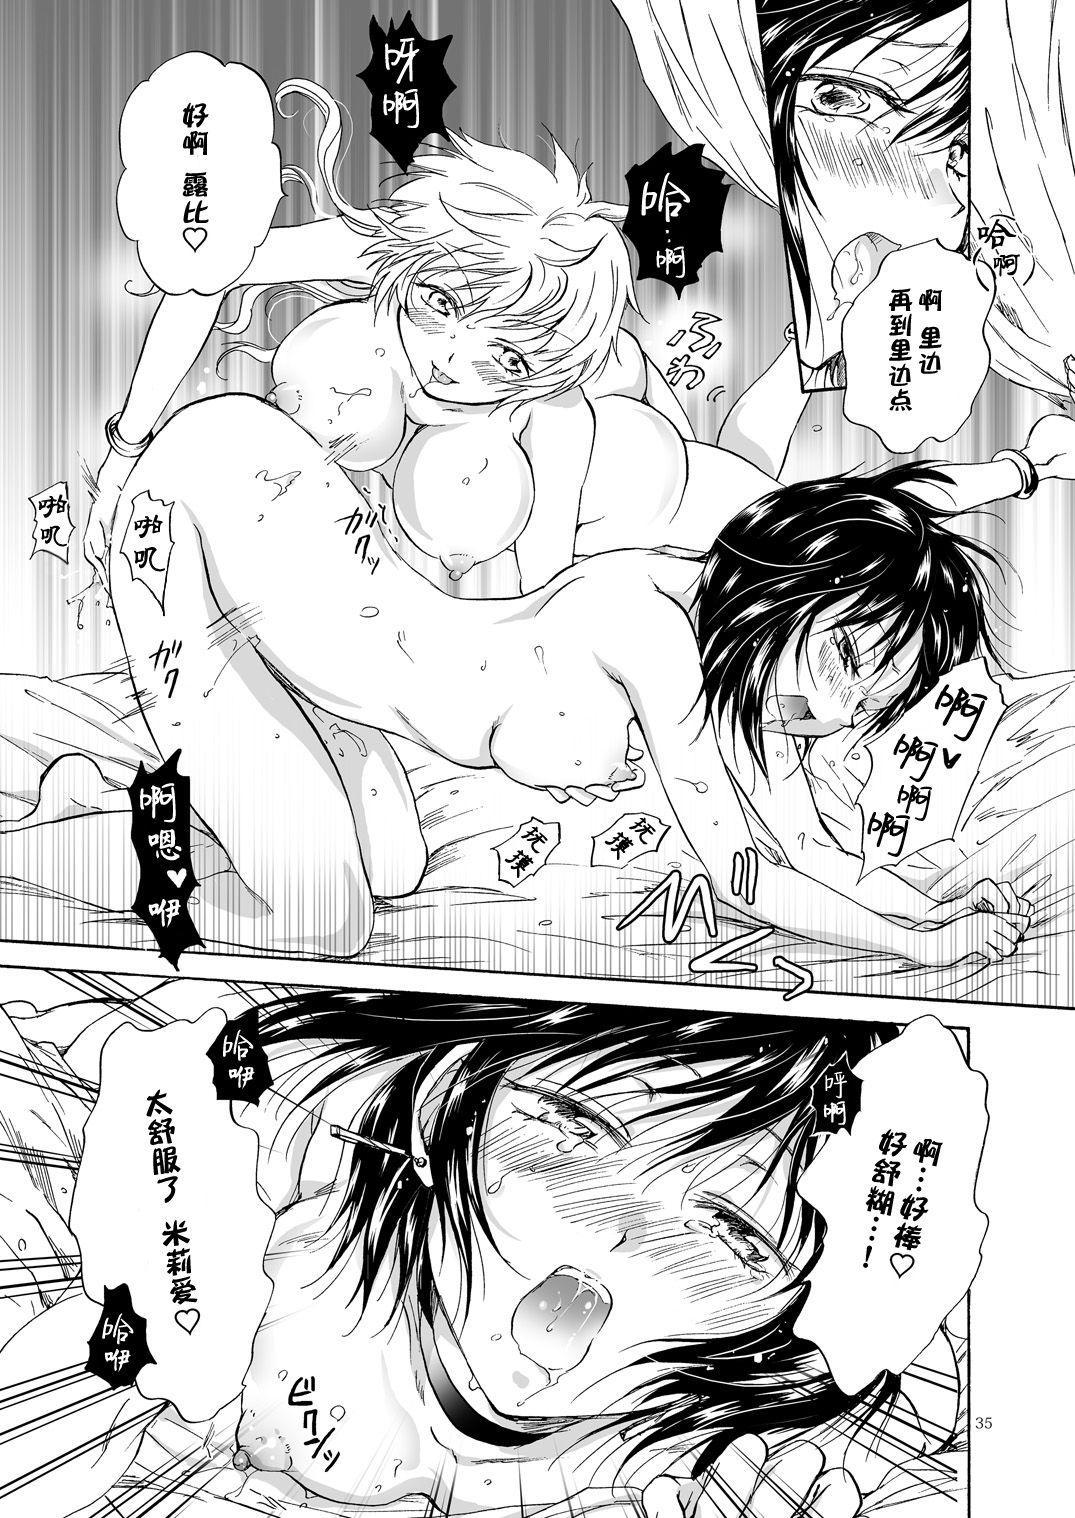 Goshujin-sama Daisuki! 34